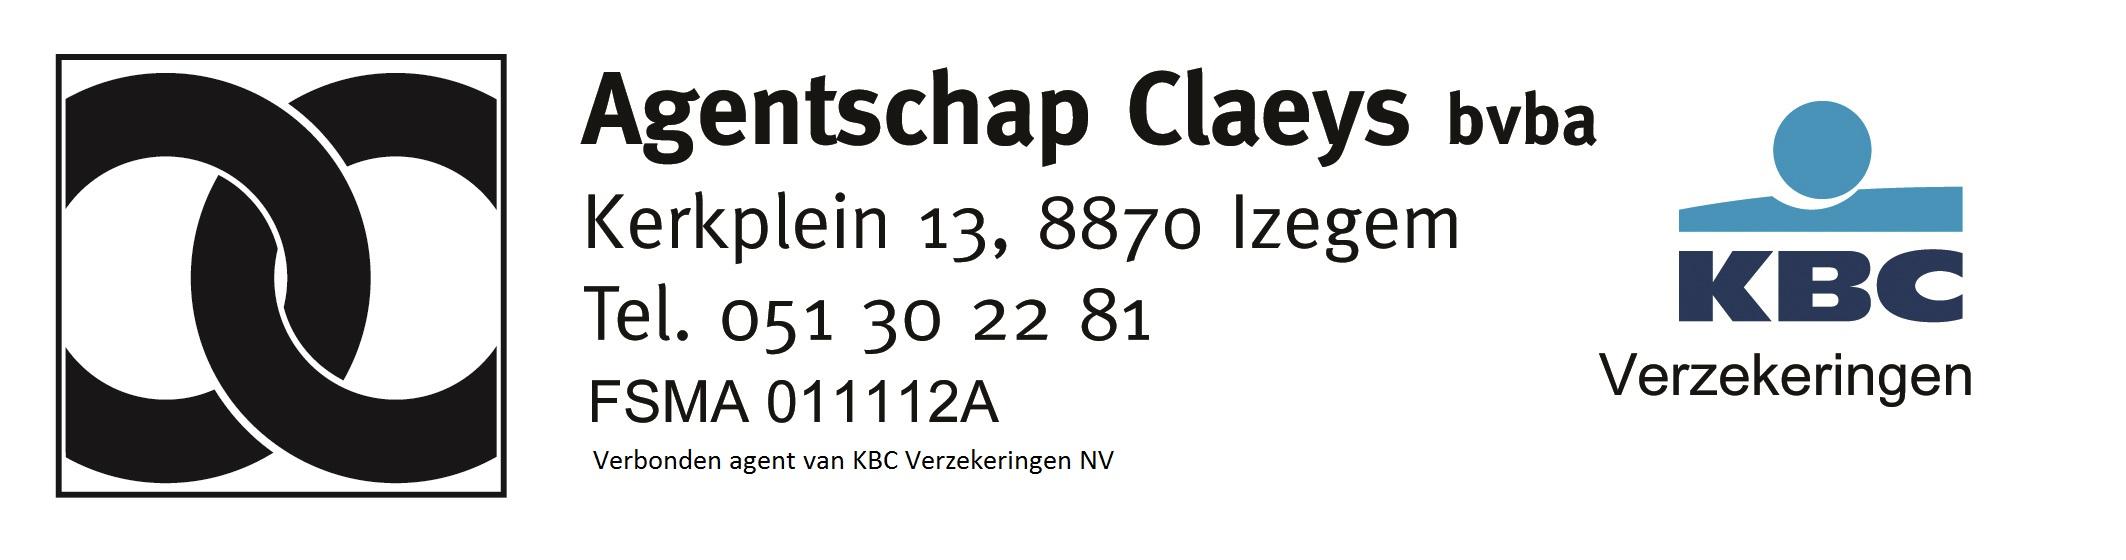 Agentschap Claeys